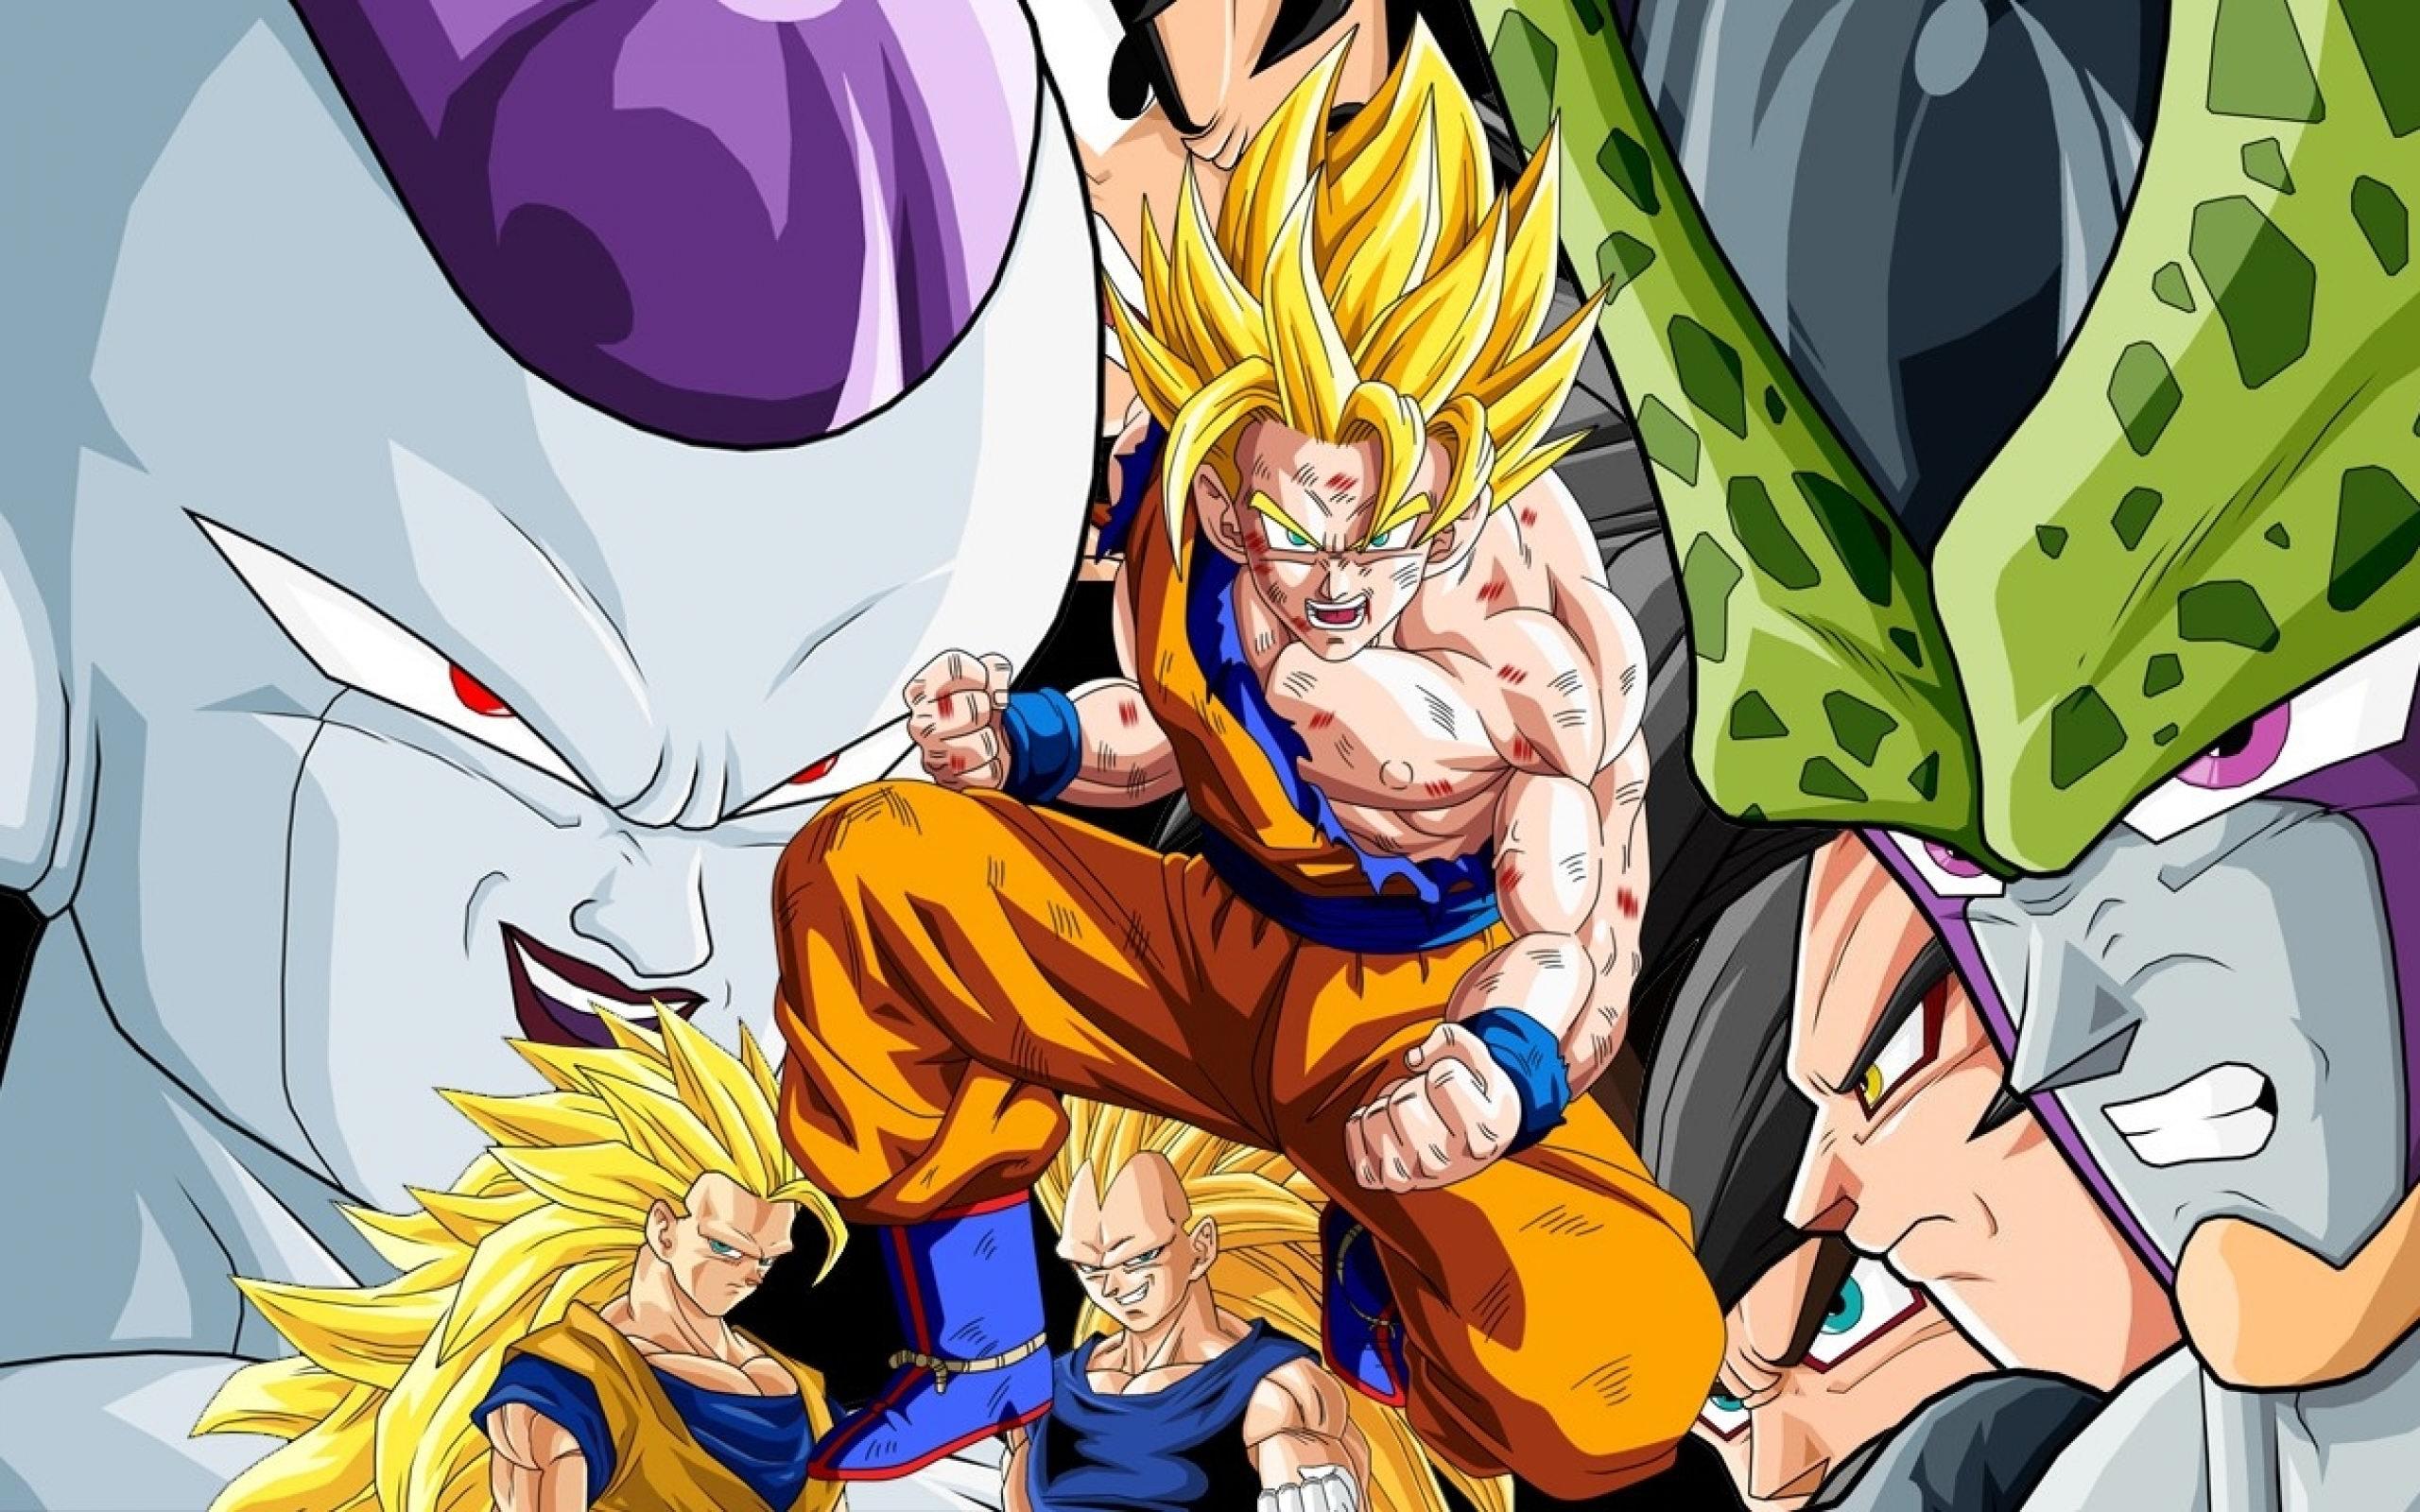 Dessin en couleurs  imprimer Personnages cél¨bres Mangas Dragon Ball Freezer numéro